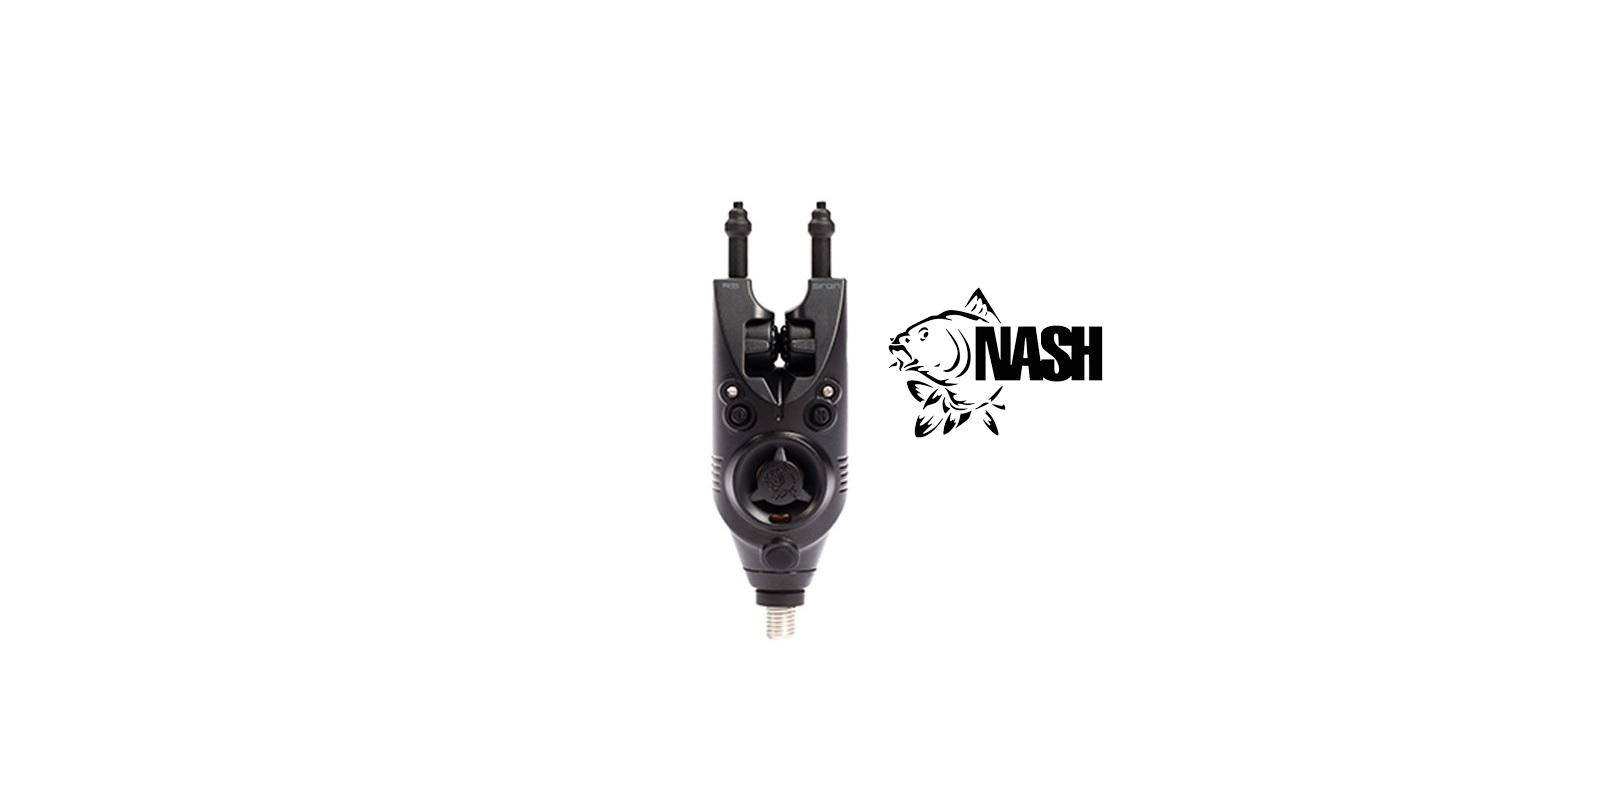 Siren R3 Nash